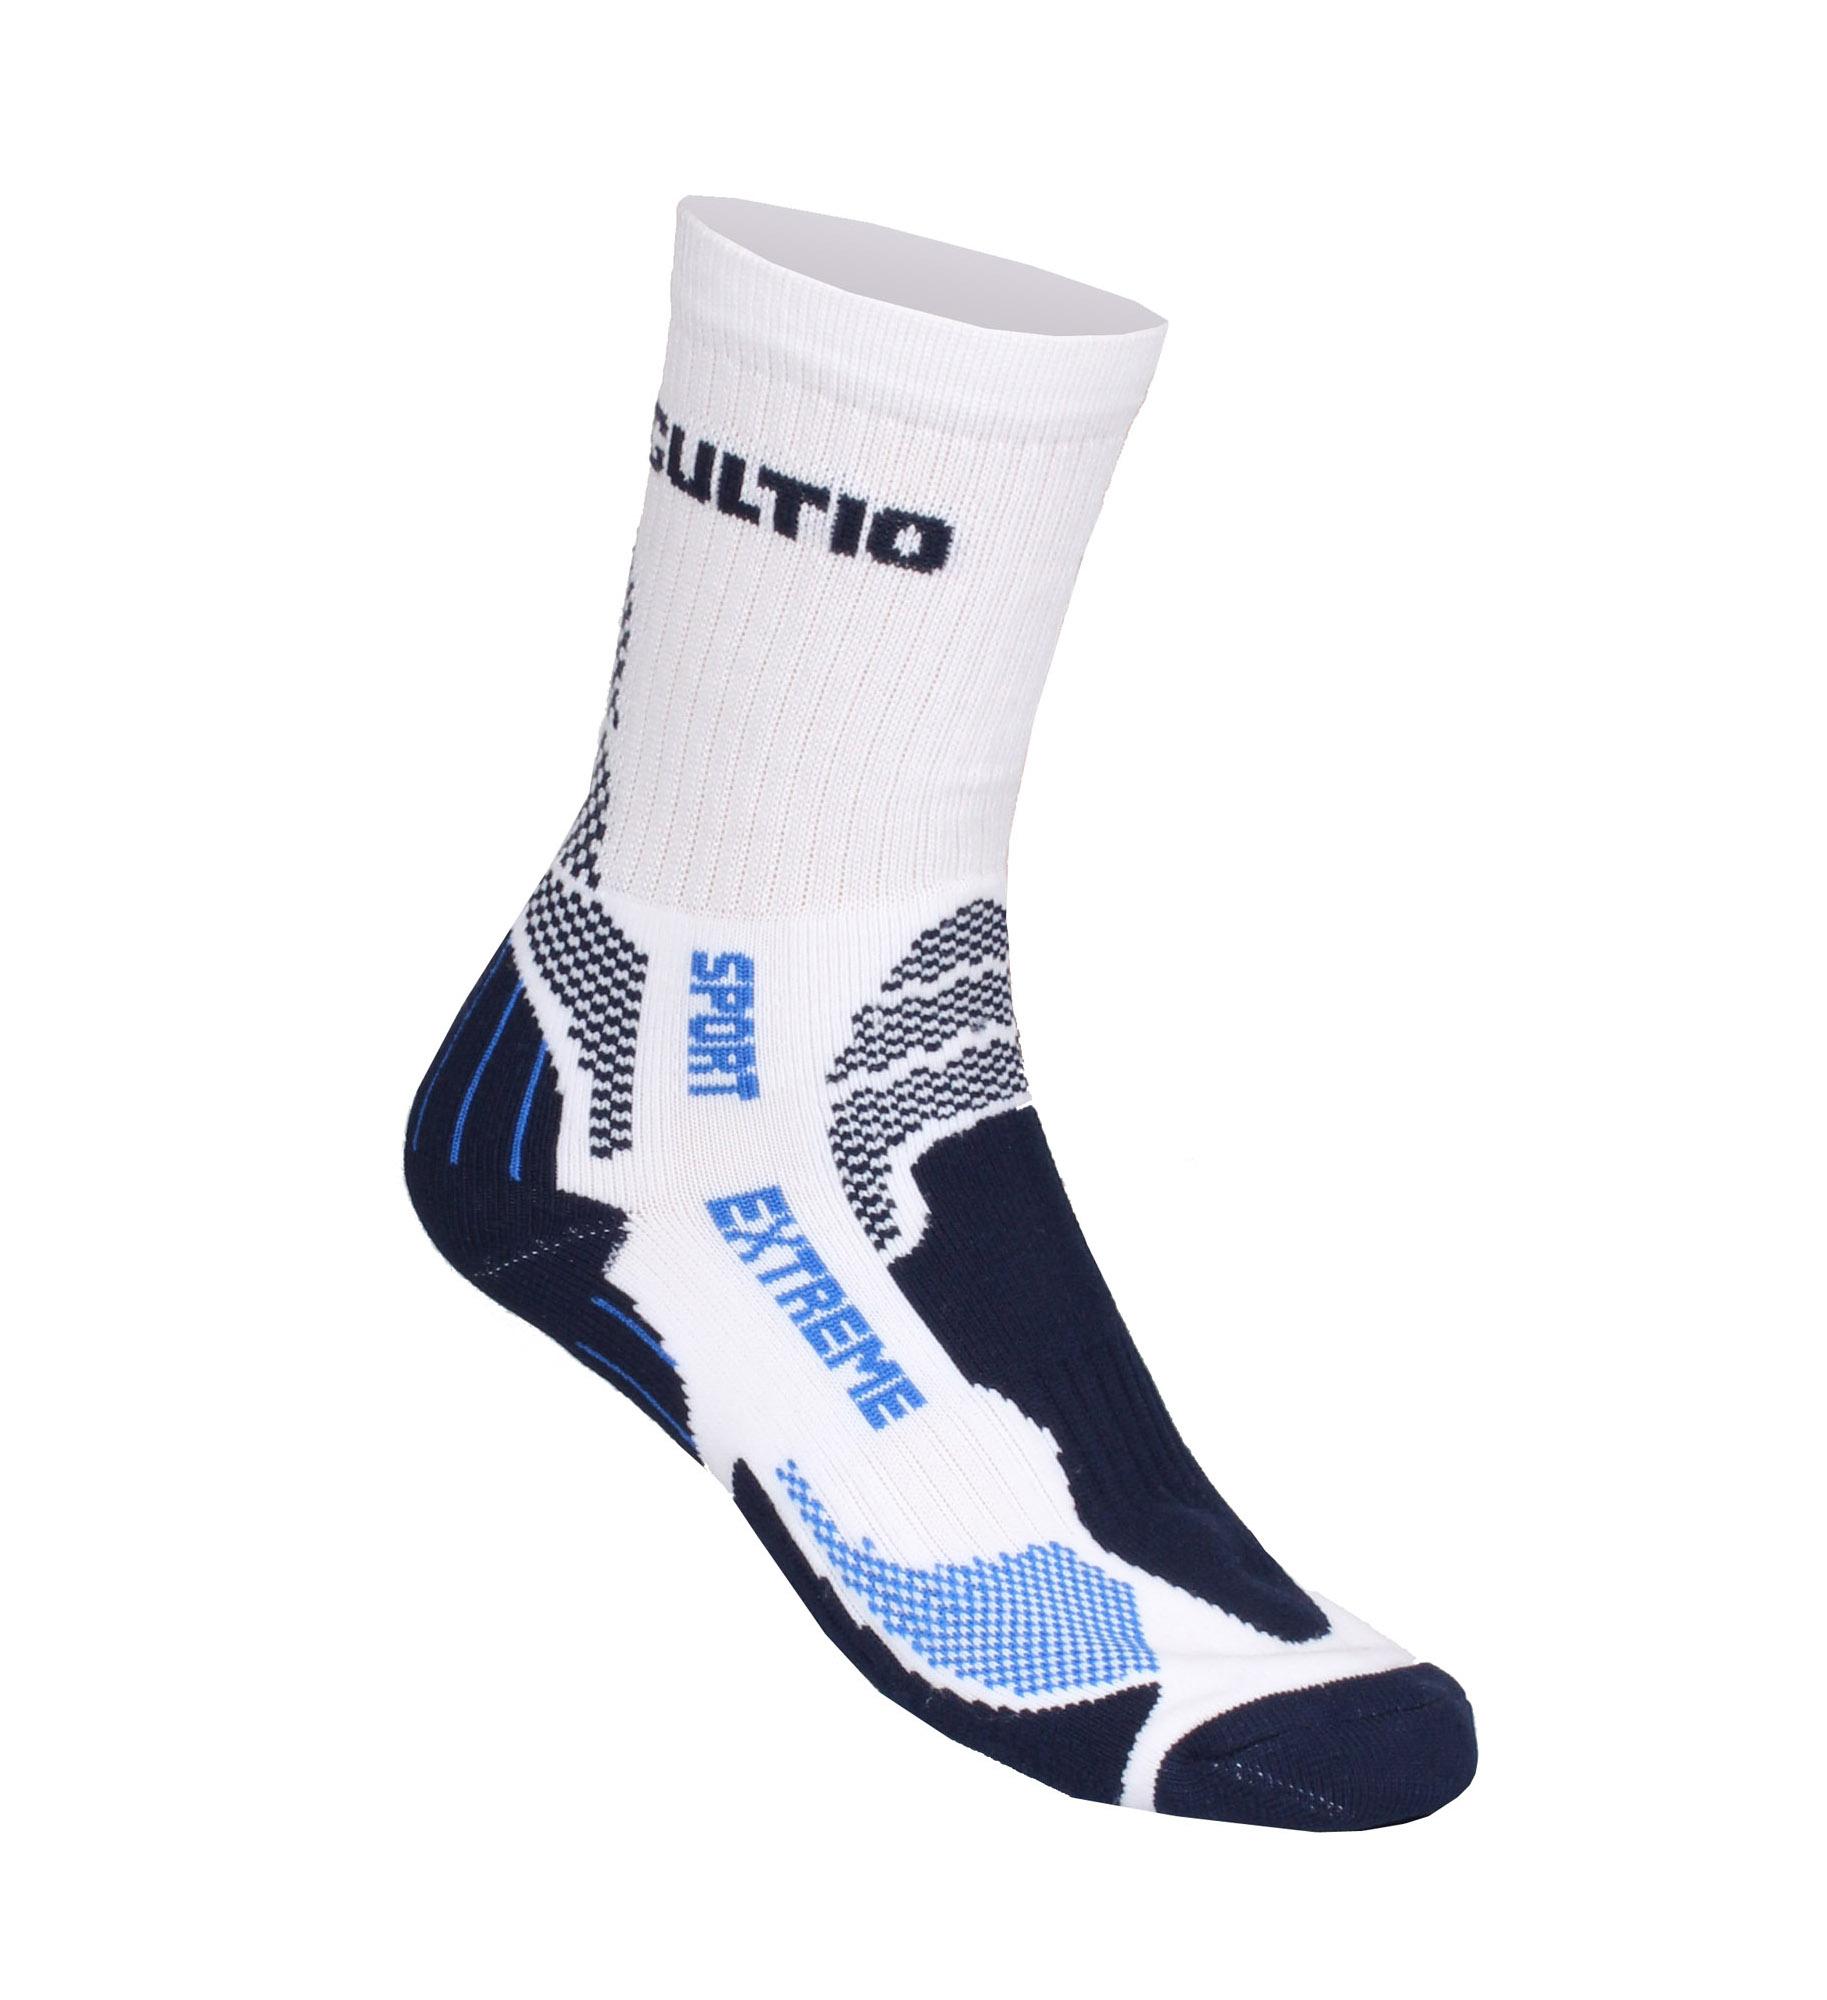 GULTIO 10 ponožky extreme sport, bílá-modrá46-47